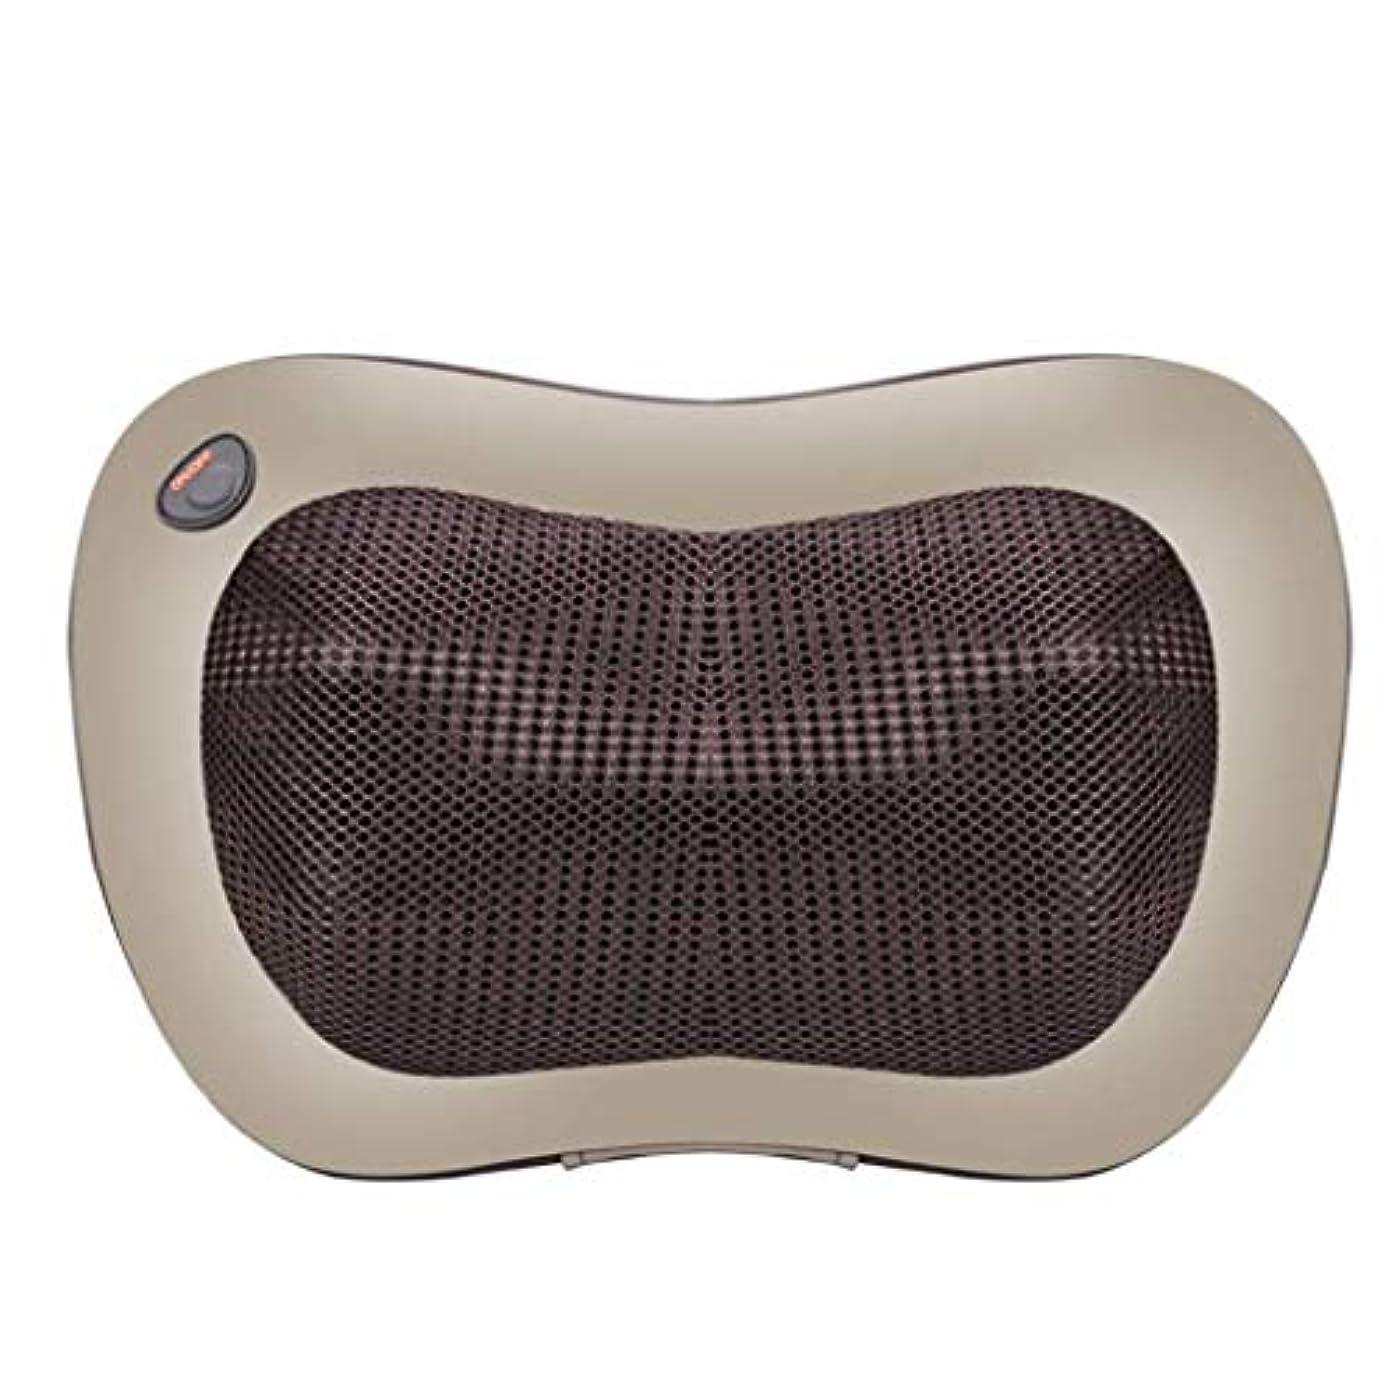 どうやって再発するうまくいけば電動マッサージ枕、指圧マッサージ首マッサージ-マッサージ枕、ホットショルダー、ウエスト、脚、足を混練-ホームオフィスや車で使用して筋肉痛を和らげます